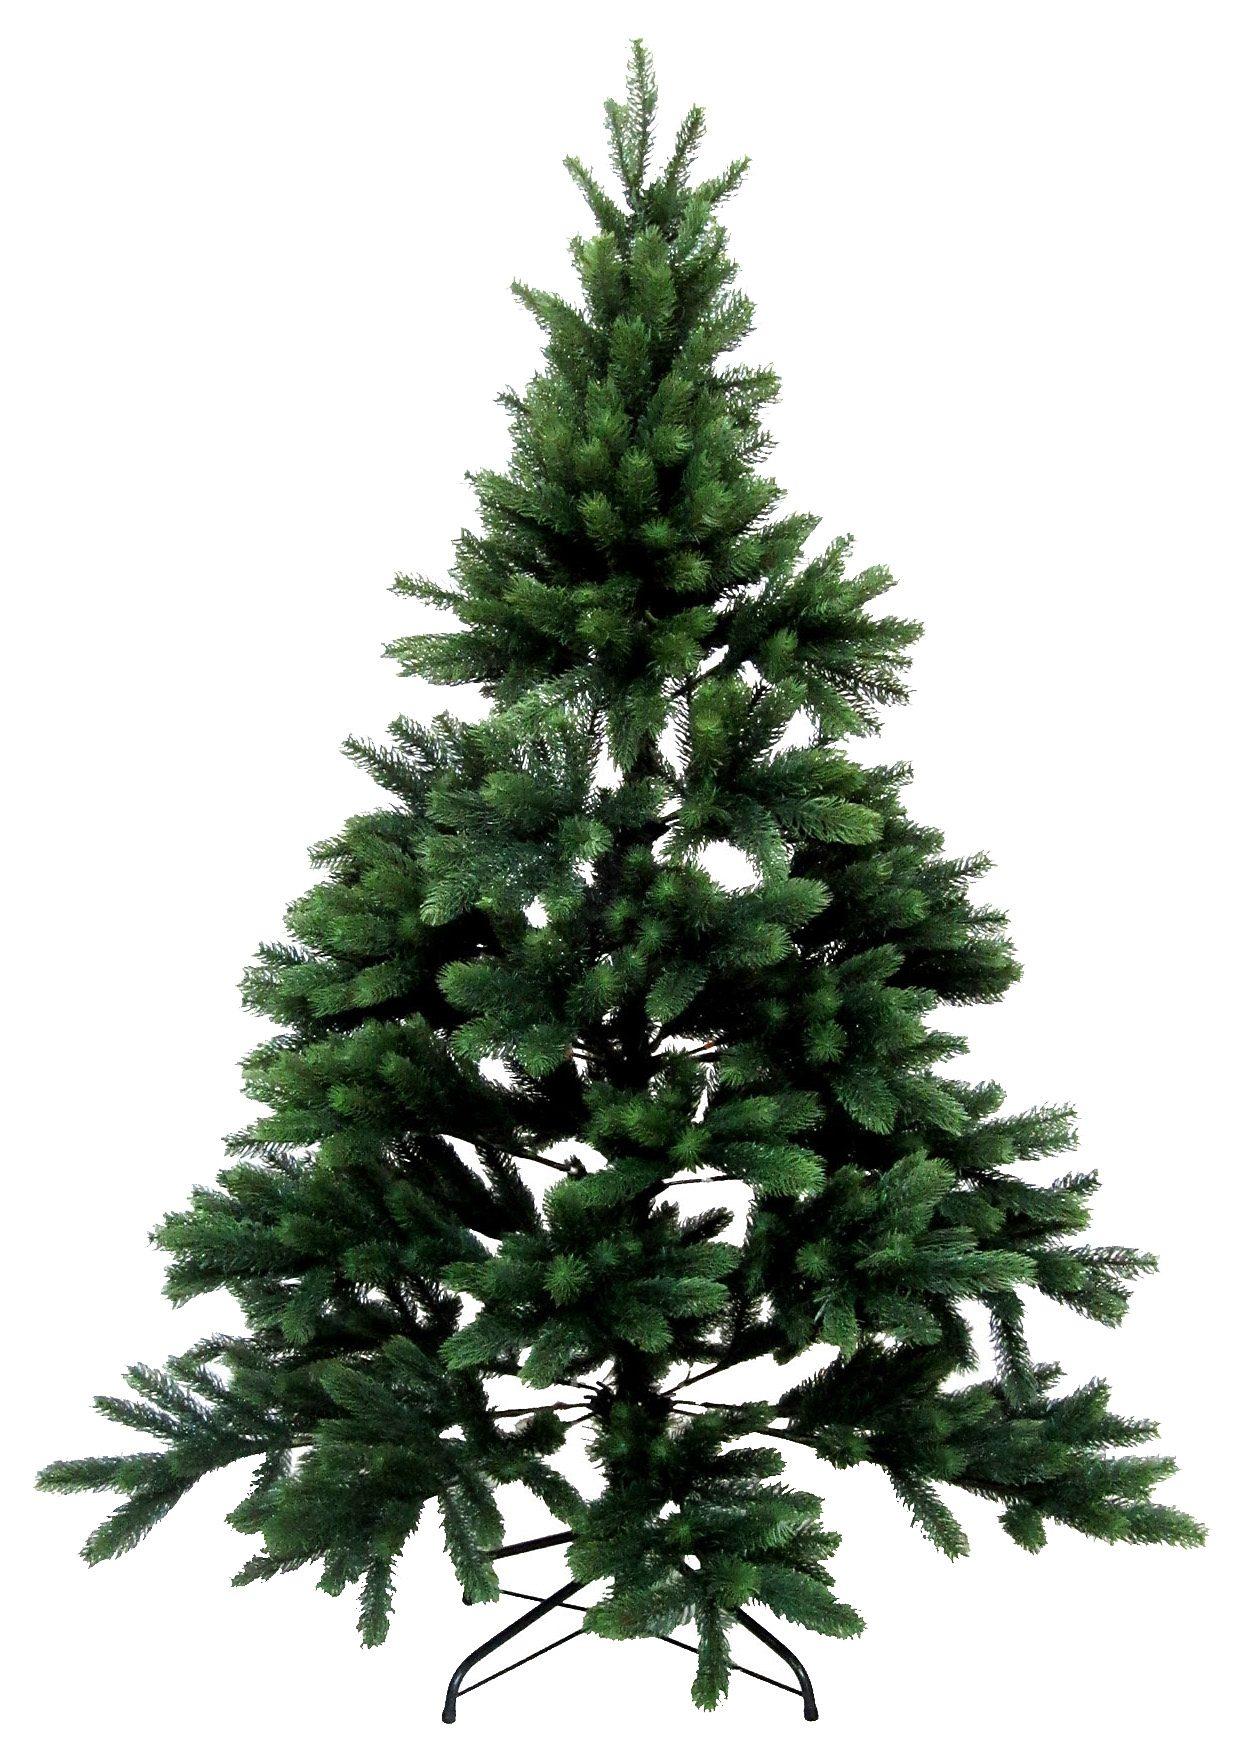 Künstlicher Weihnachtsbaum mit besonders üppigem Nadelkleid